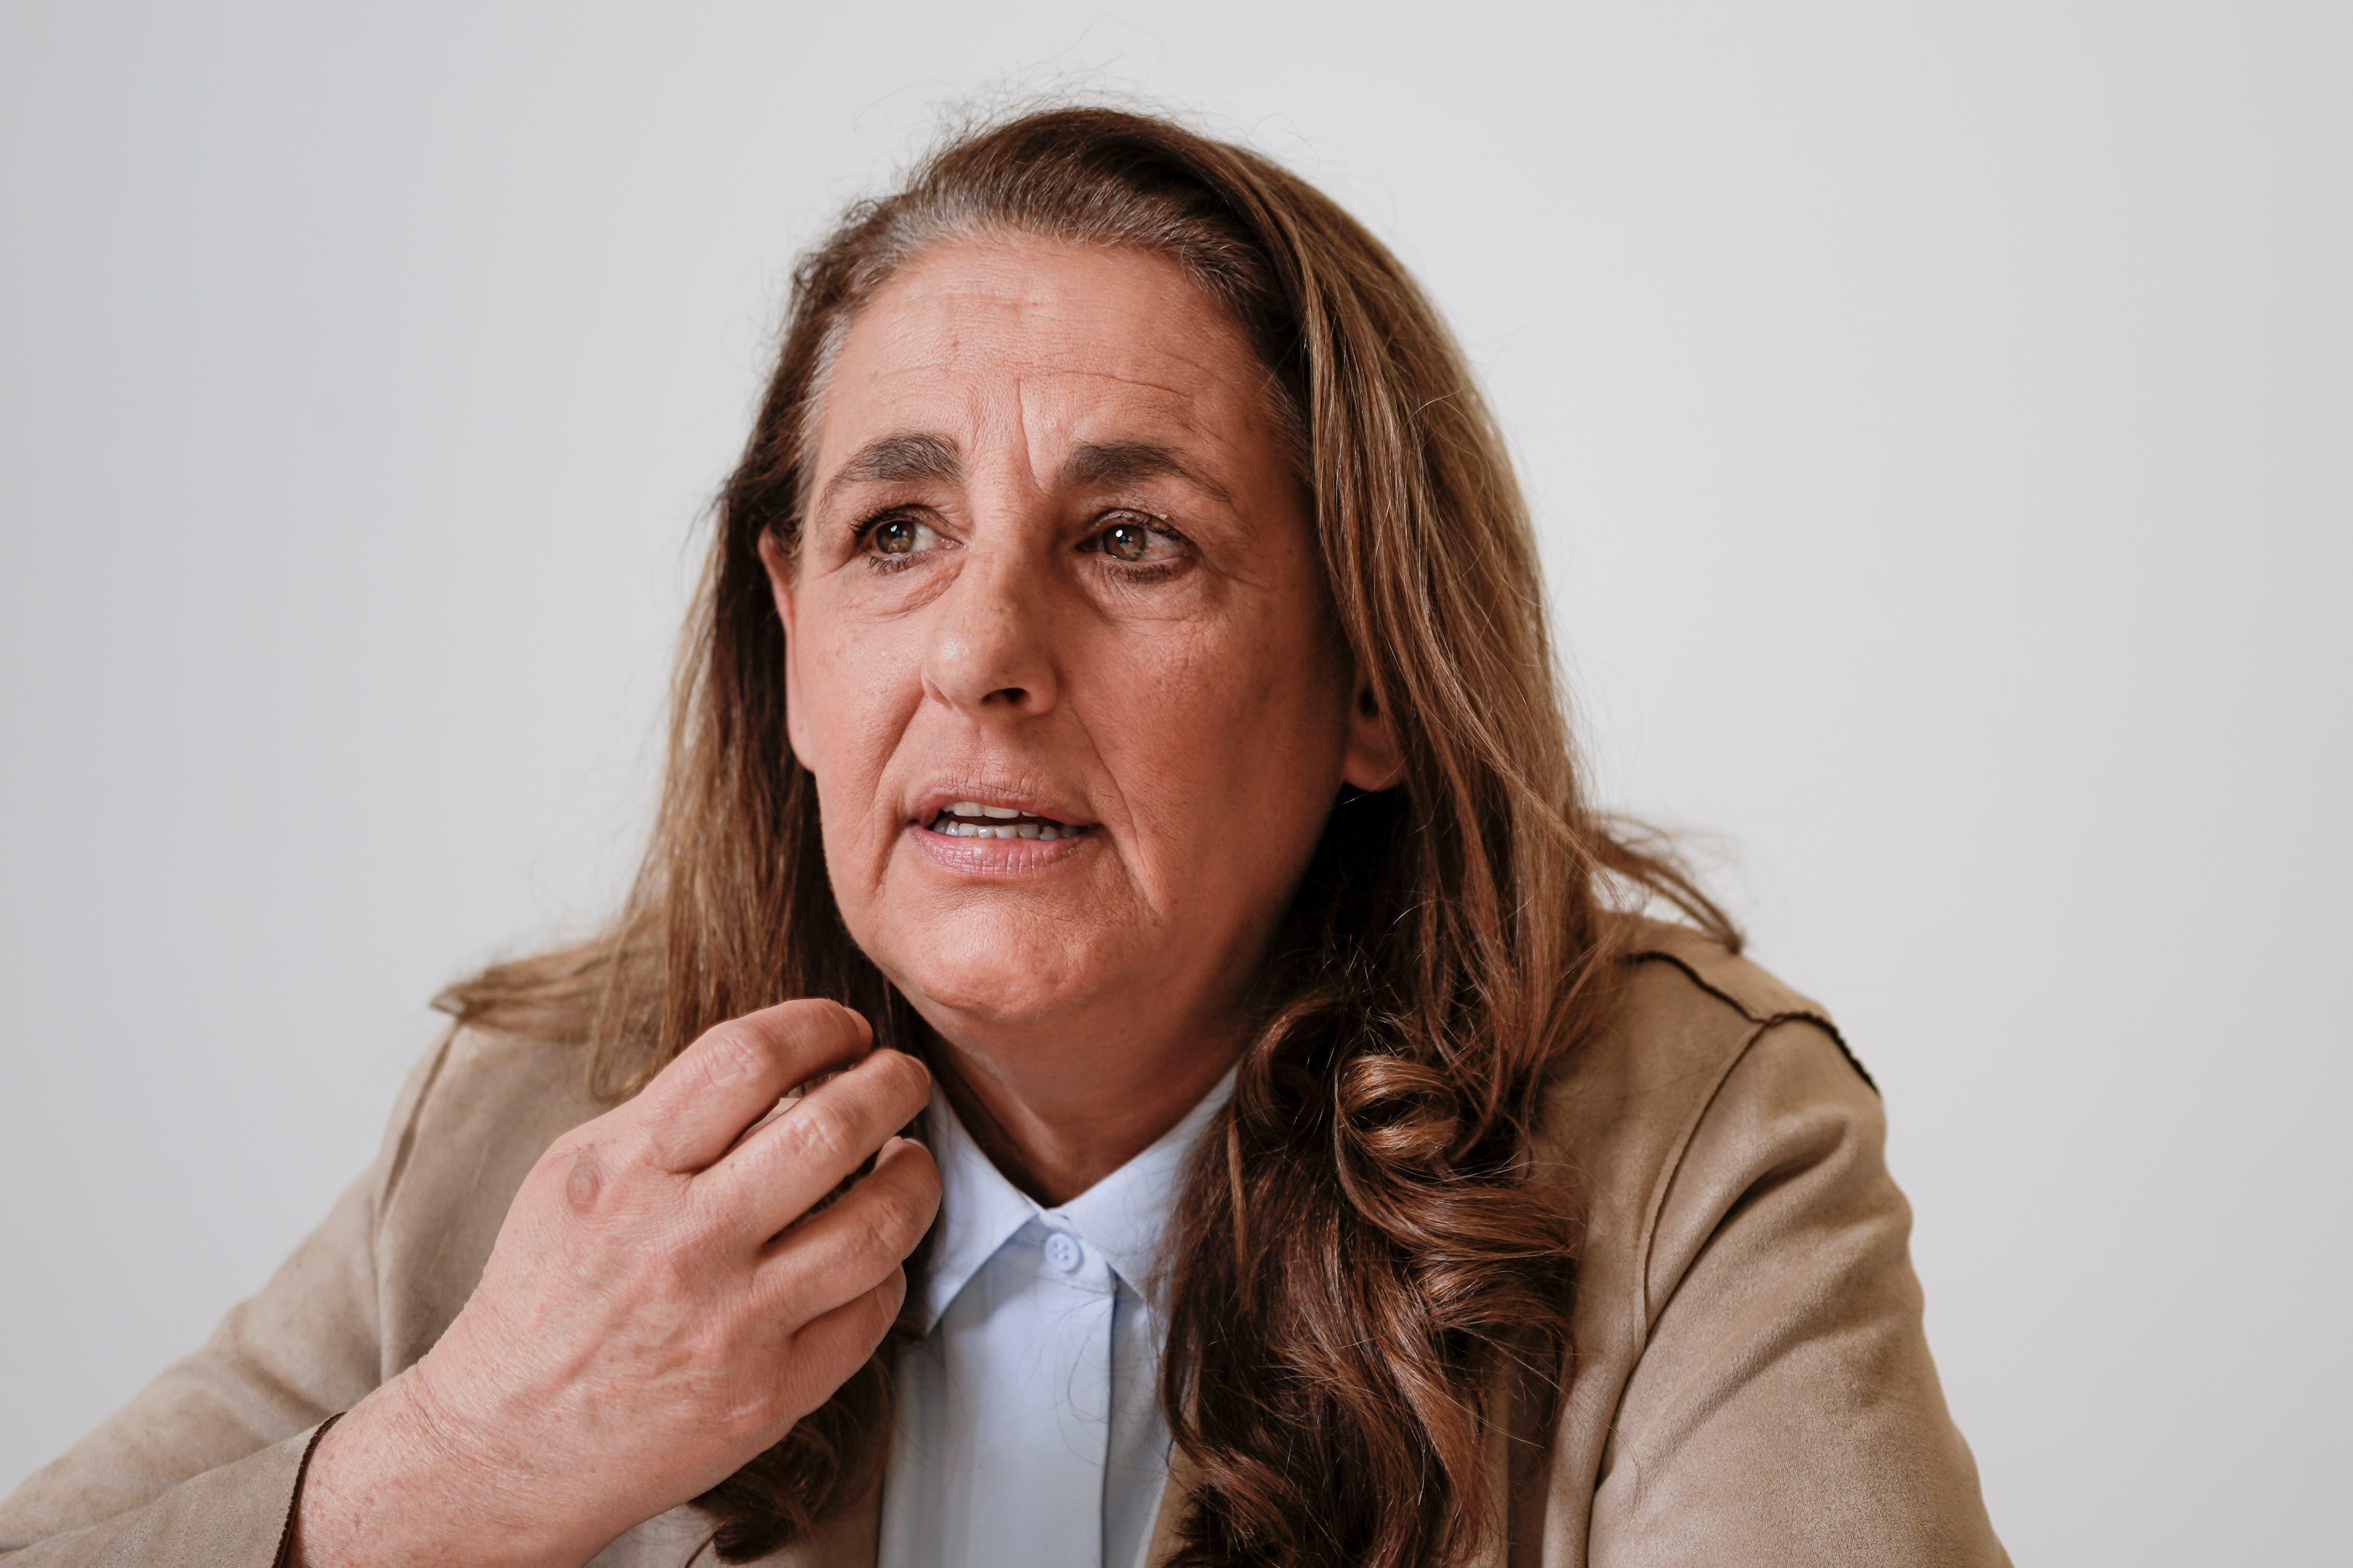 SP-Nationalrätin Jacqueline Badran überlebte 2011 einen Flugzeugabsturz bei Bassersdorf. 24 Personen kamen ums Leben.